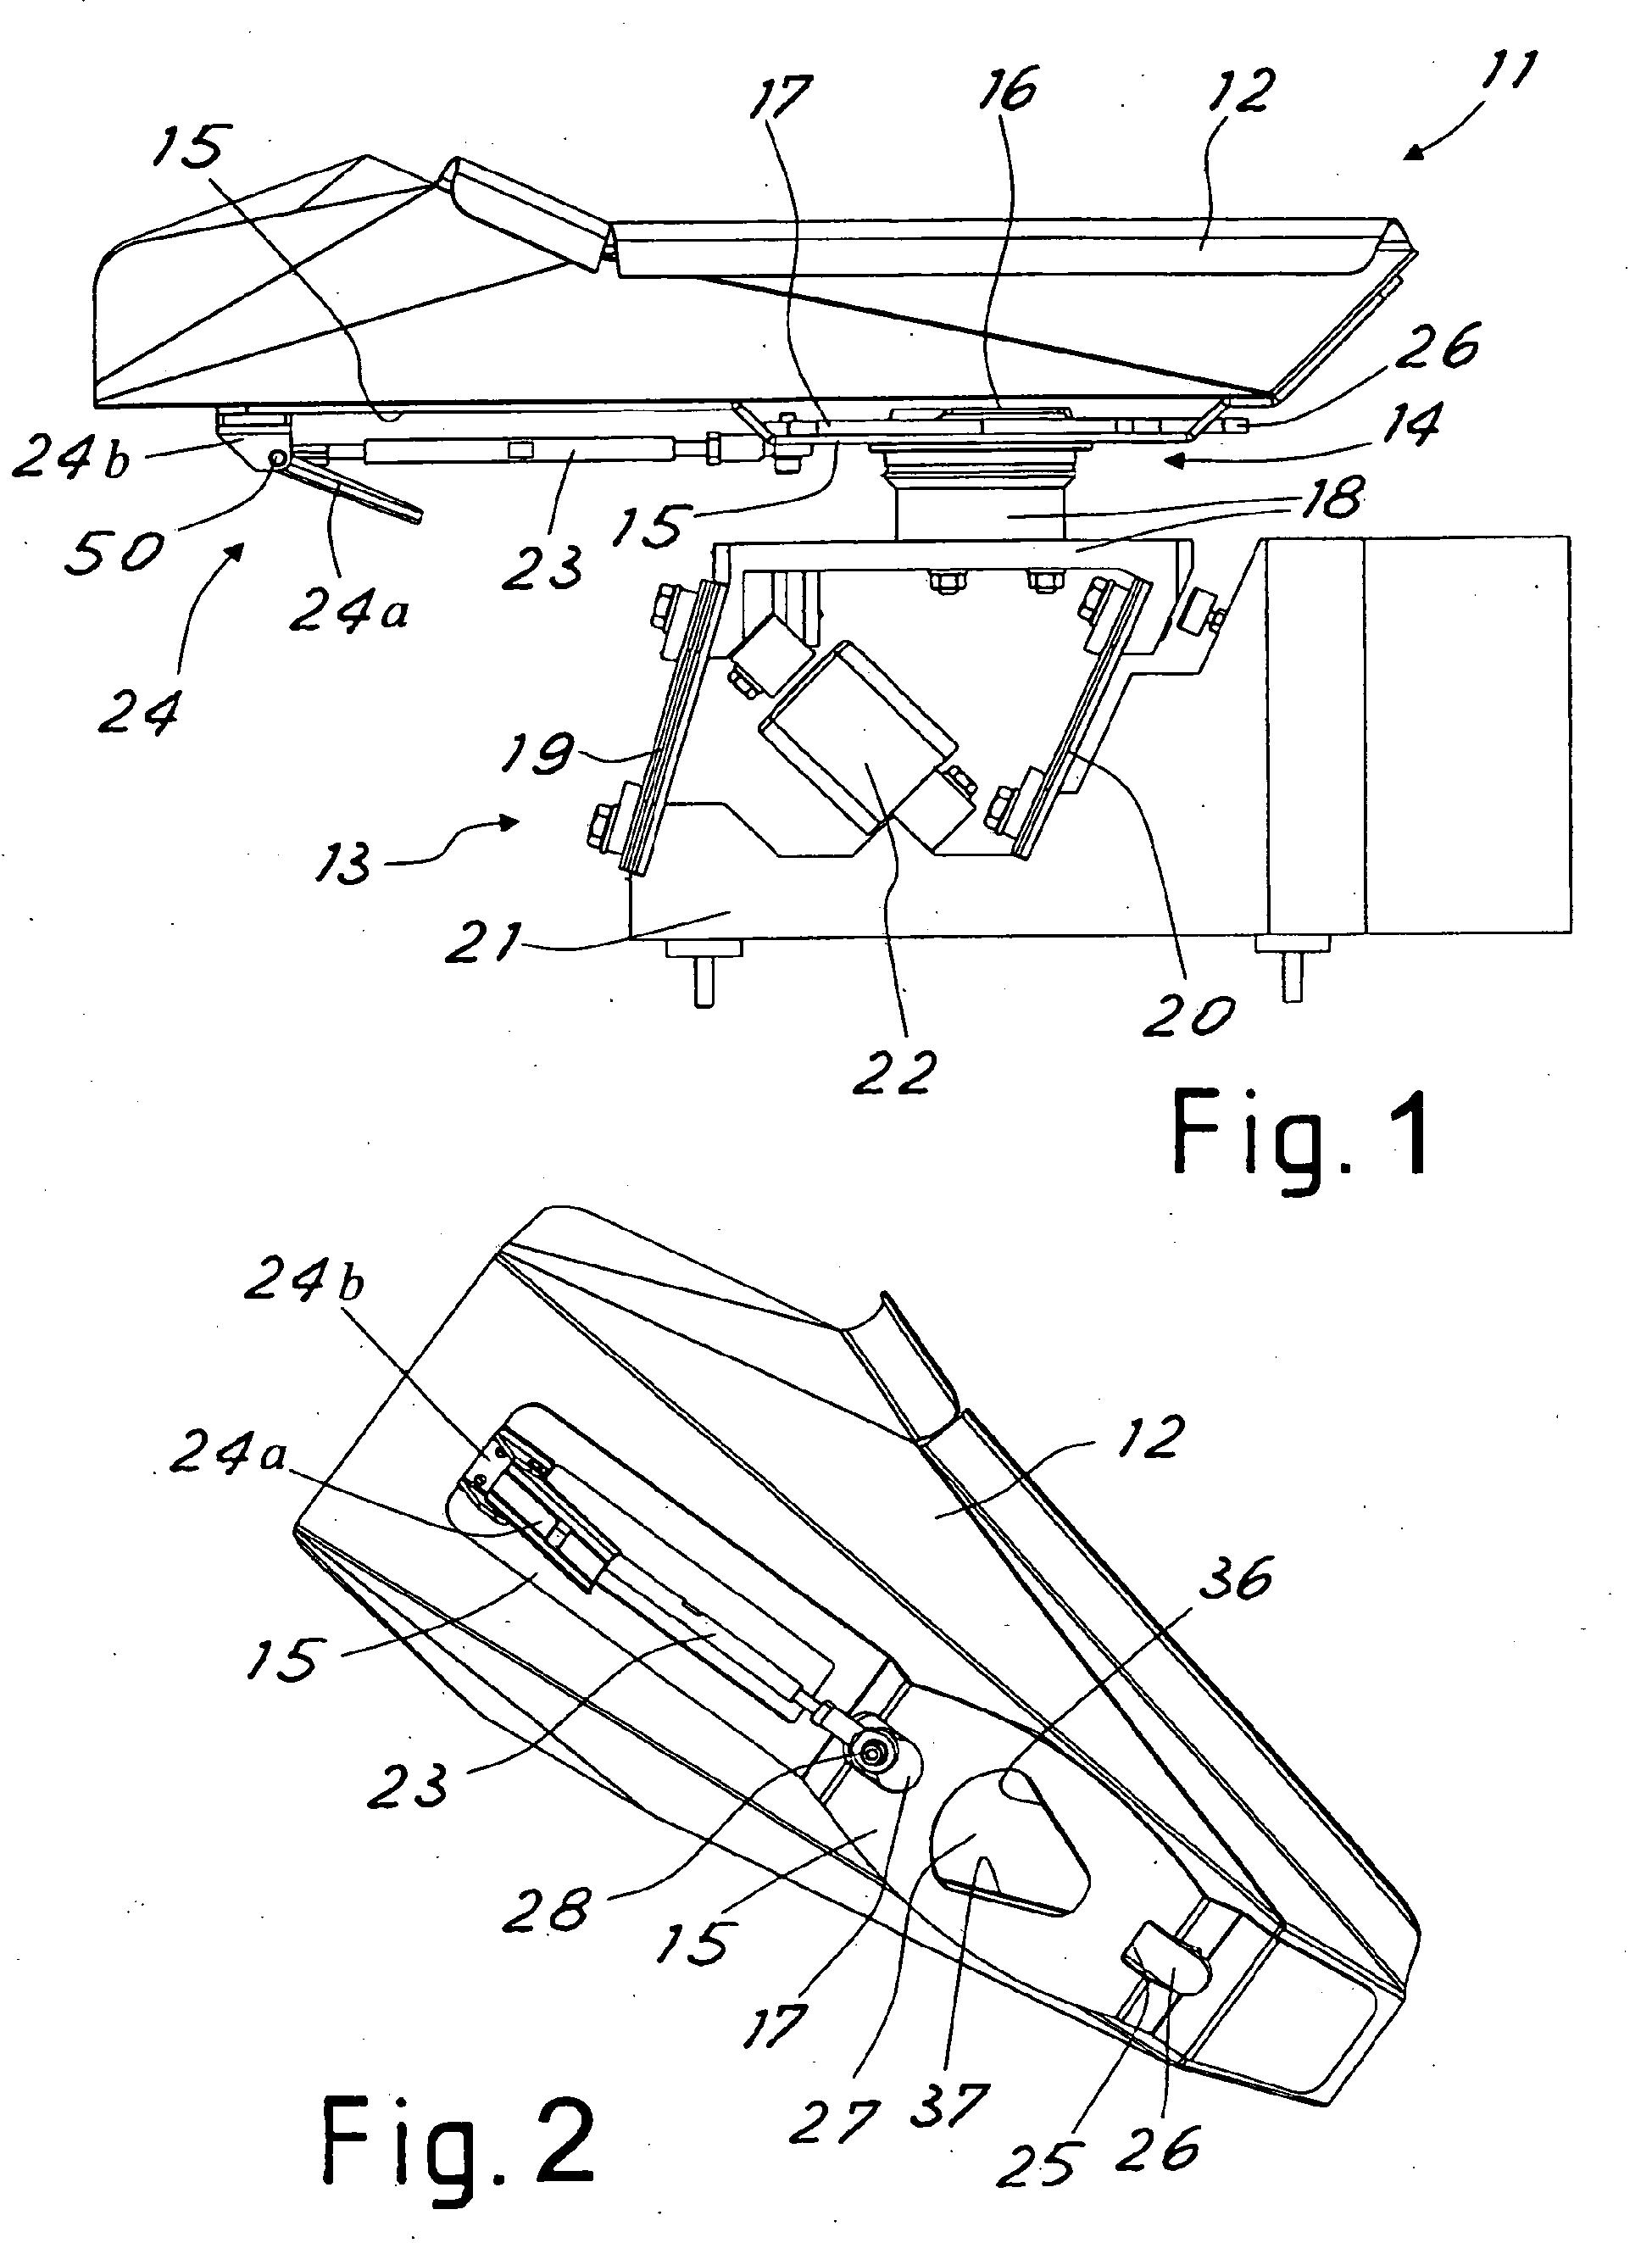 1995 kawasaki gpz 1100 schema cablage